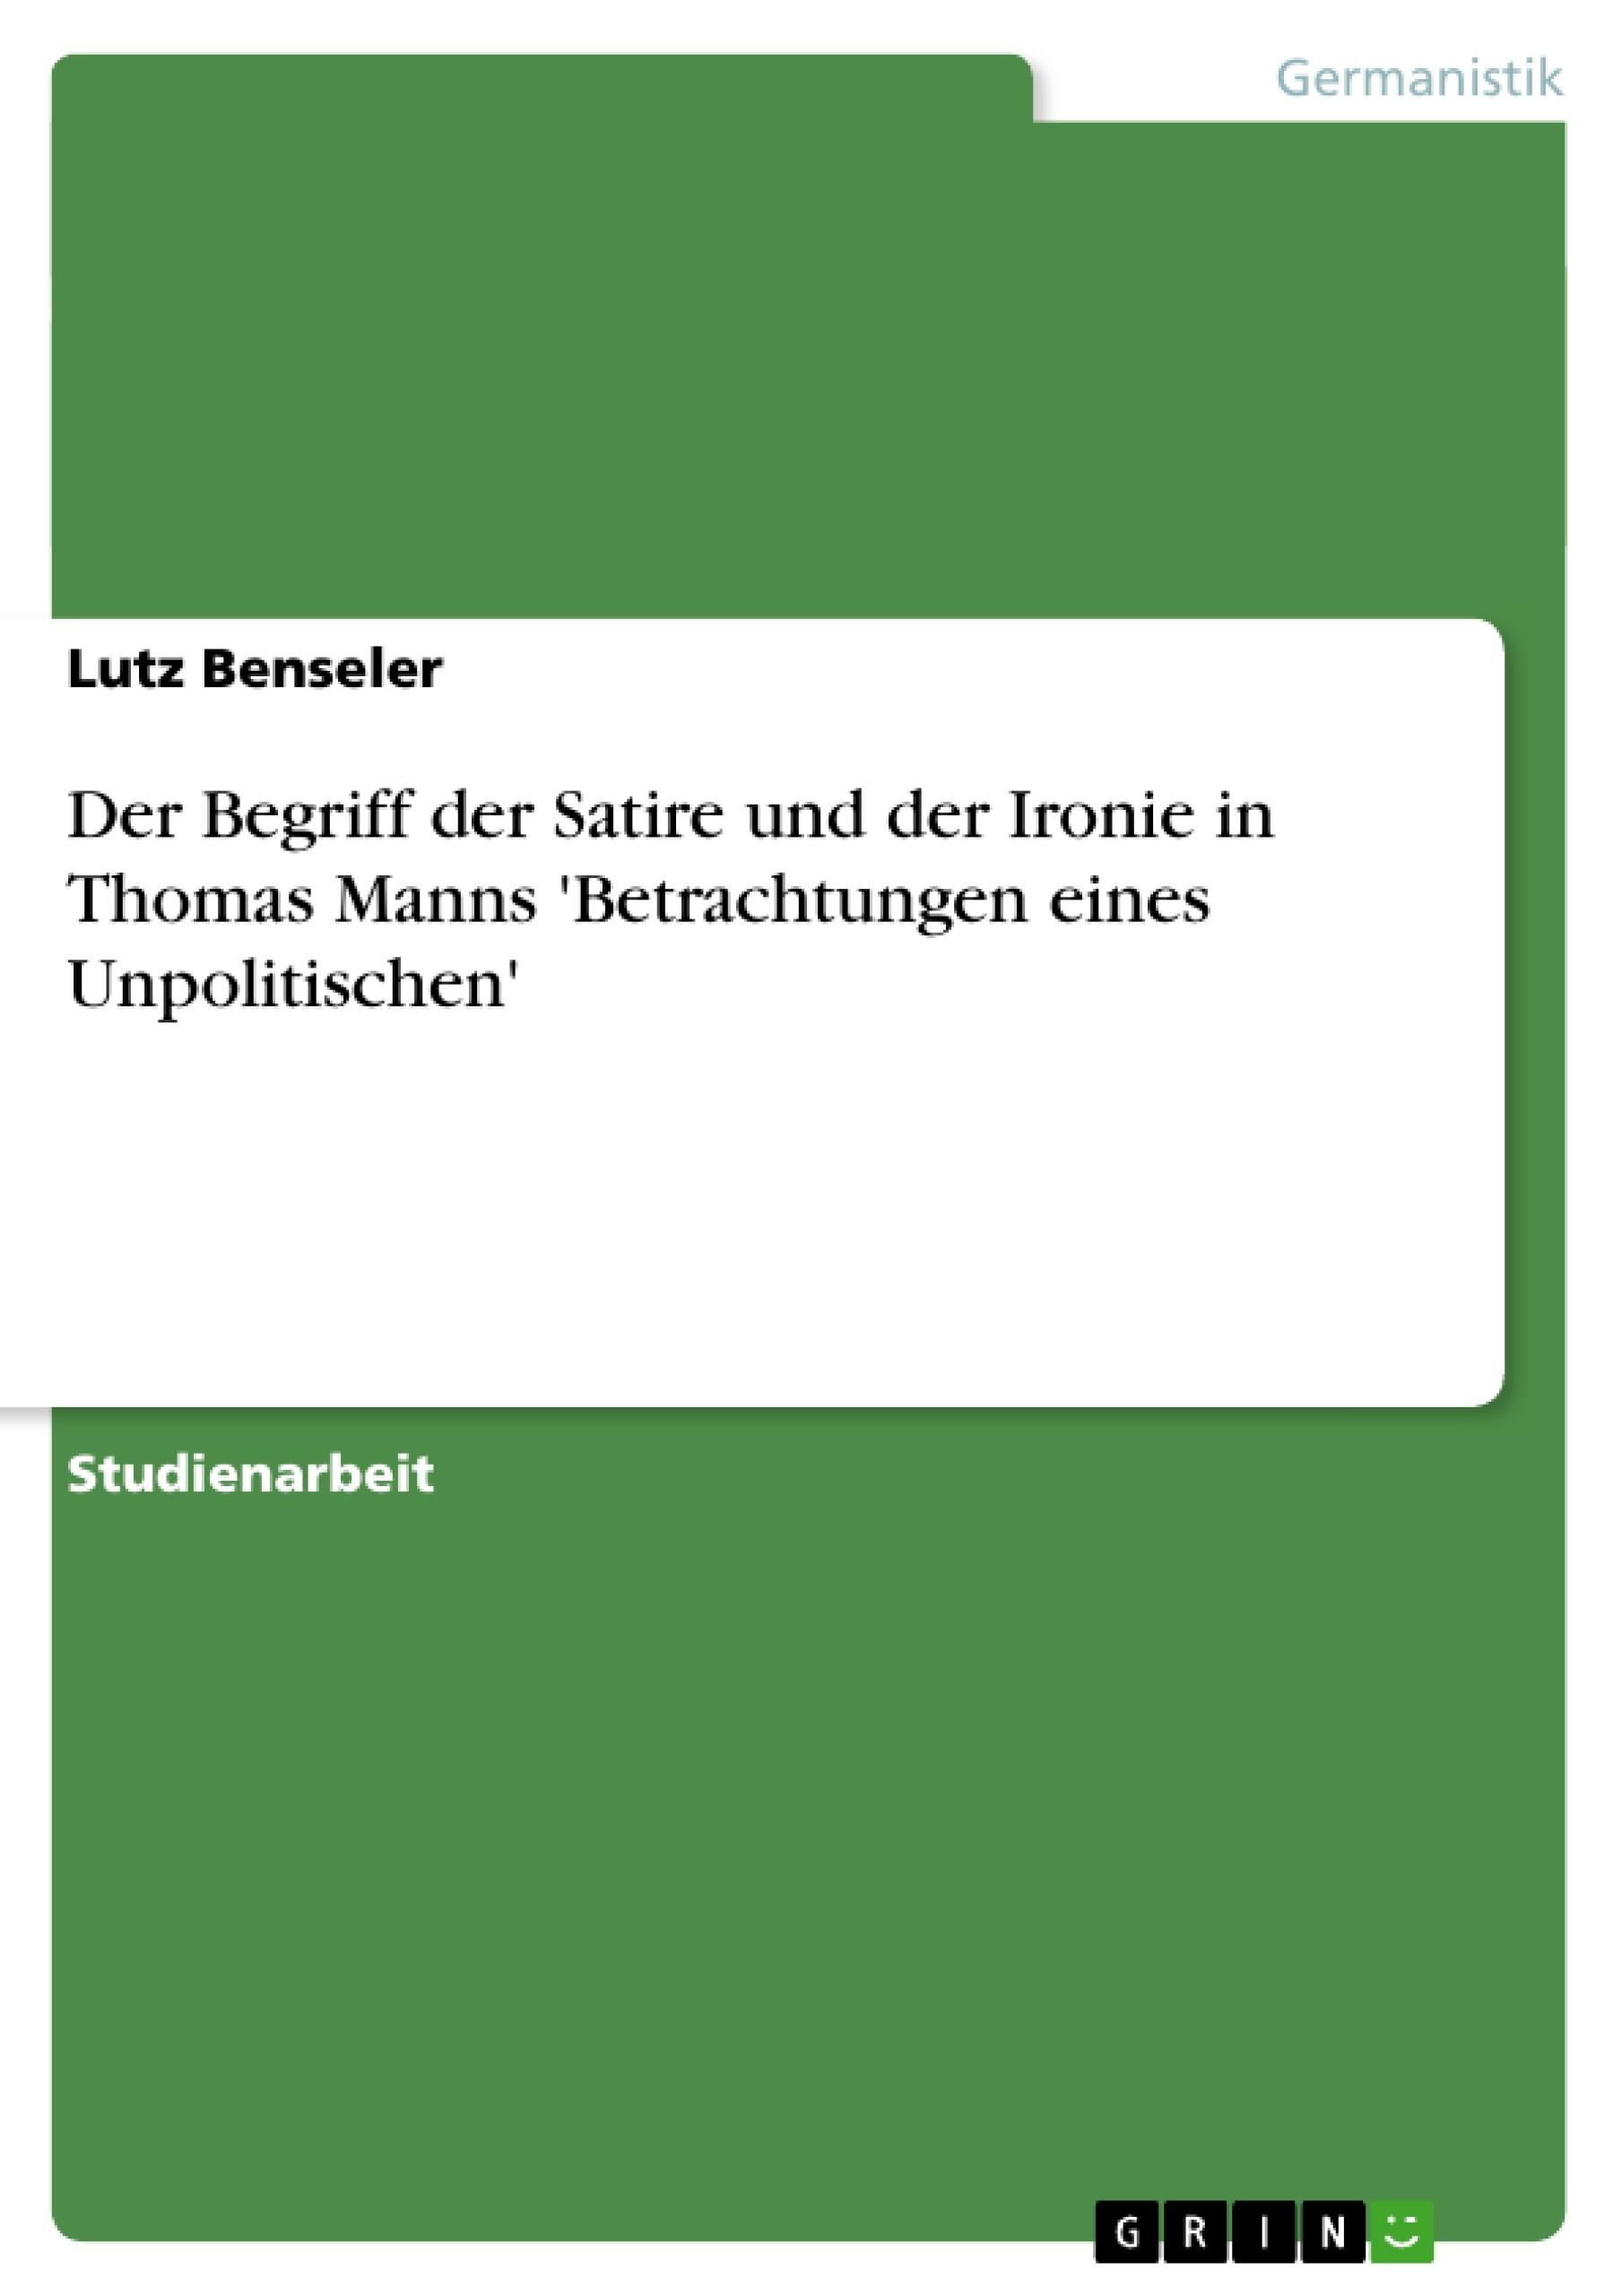 Titel: Der Begriff der Satire und der Ironie in Thomas Manns 'Betrachtungen eines Unpolitischen'